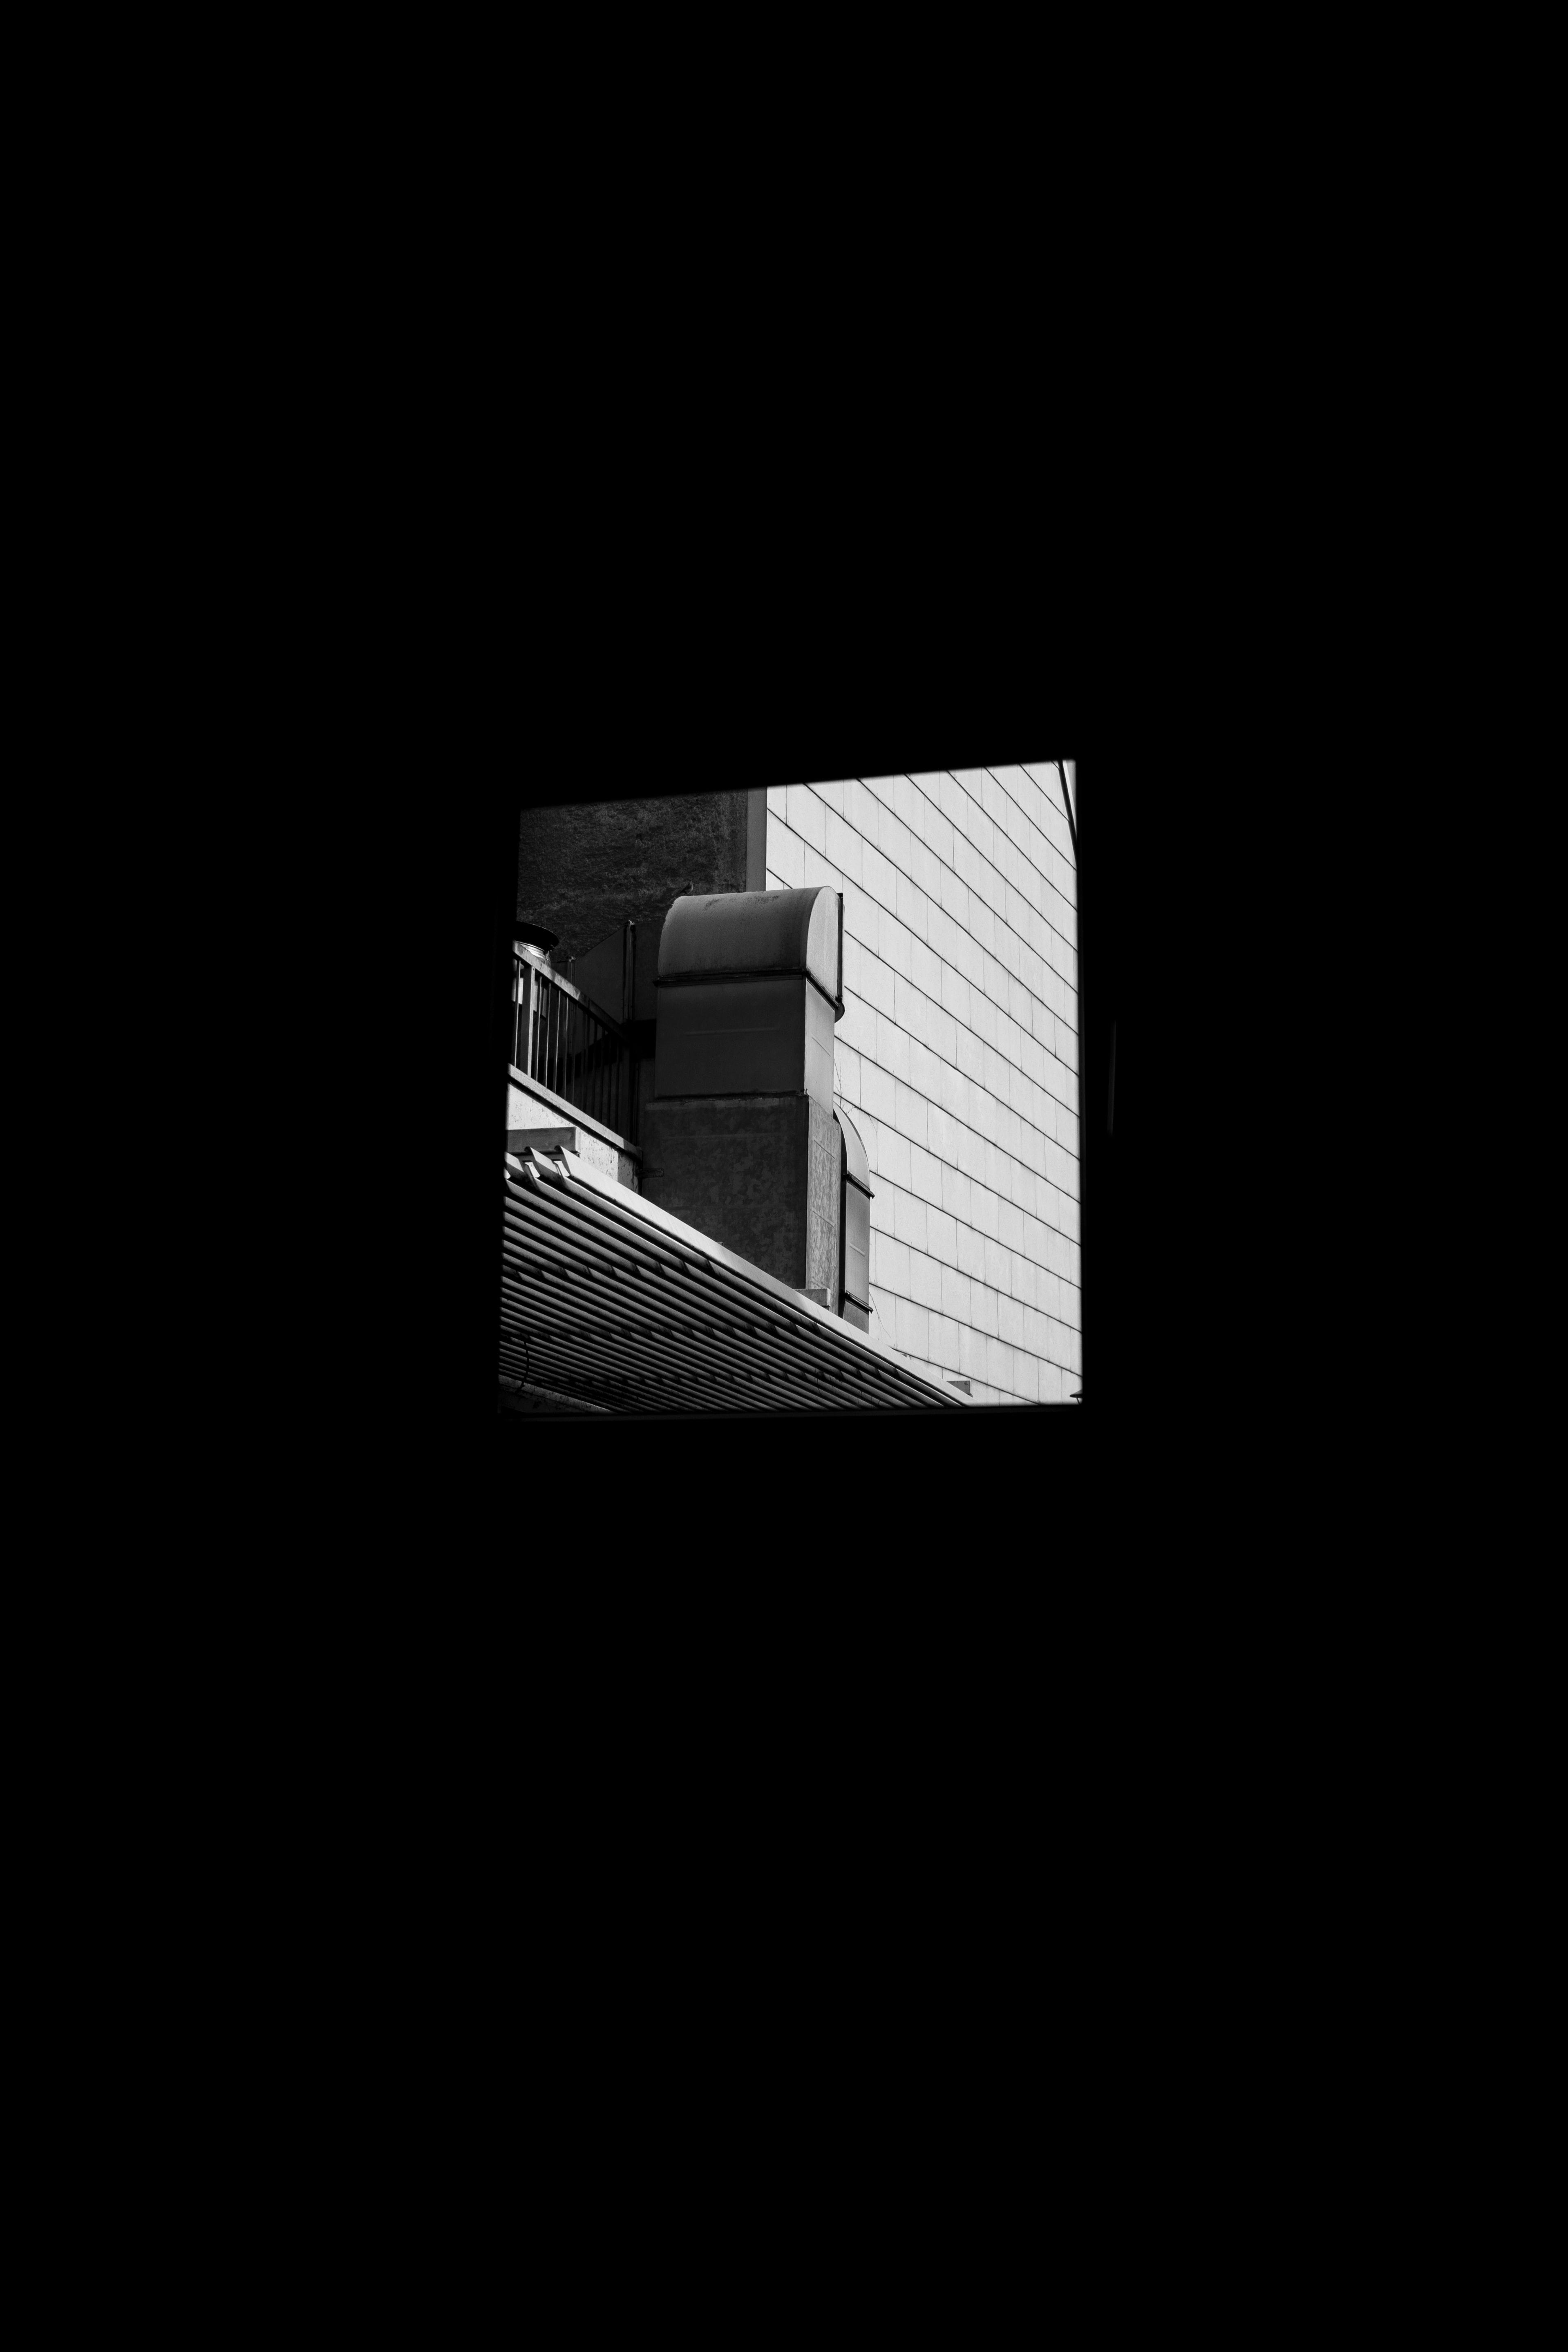 85837 télécharger le fond d'écran La Fenêtre, Fenêtre, Mur, P.c., Chb, Le Noir - économiseurs d'écran et images gratuitement